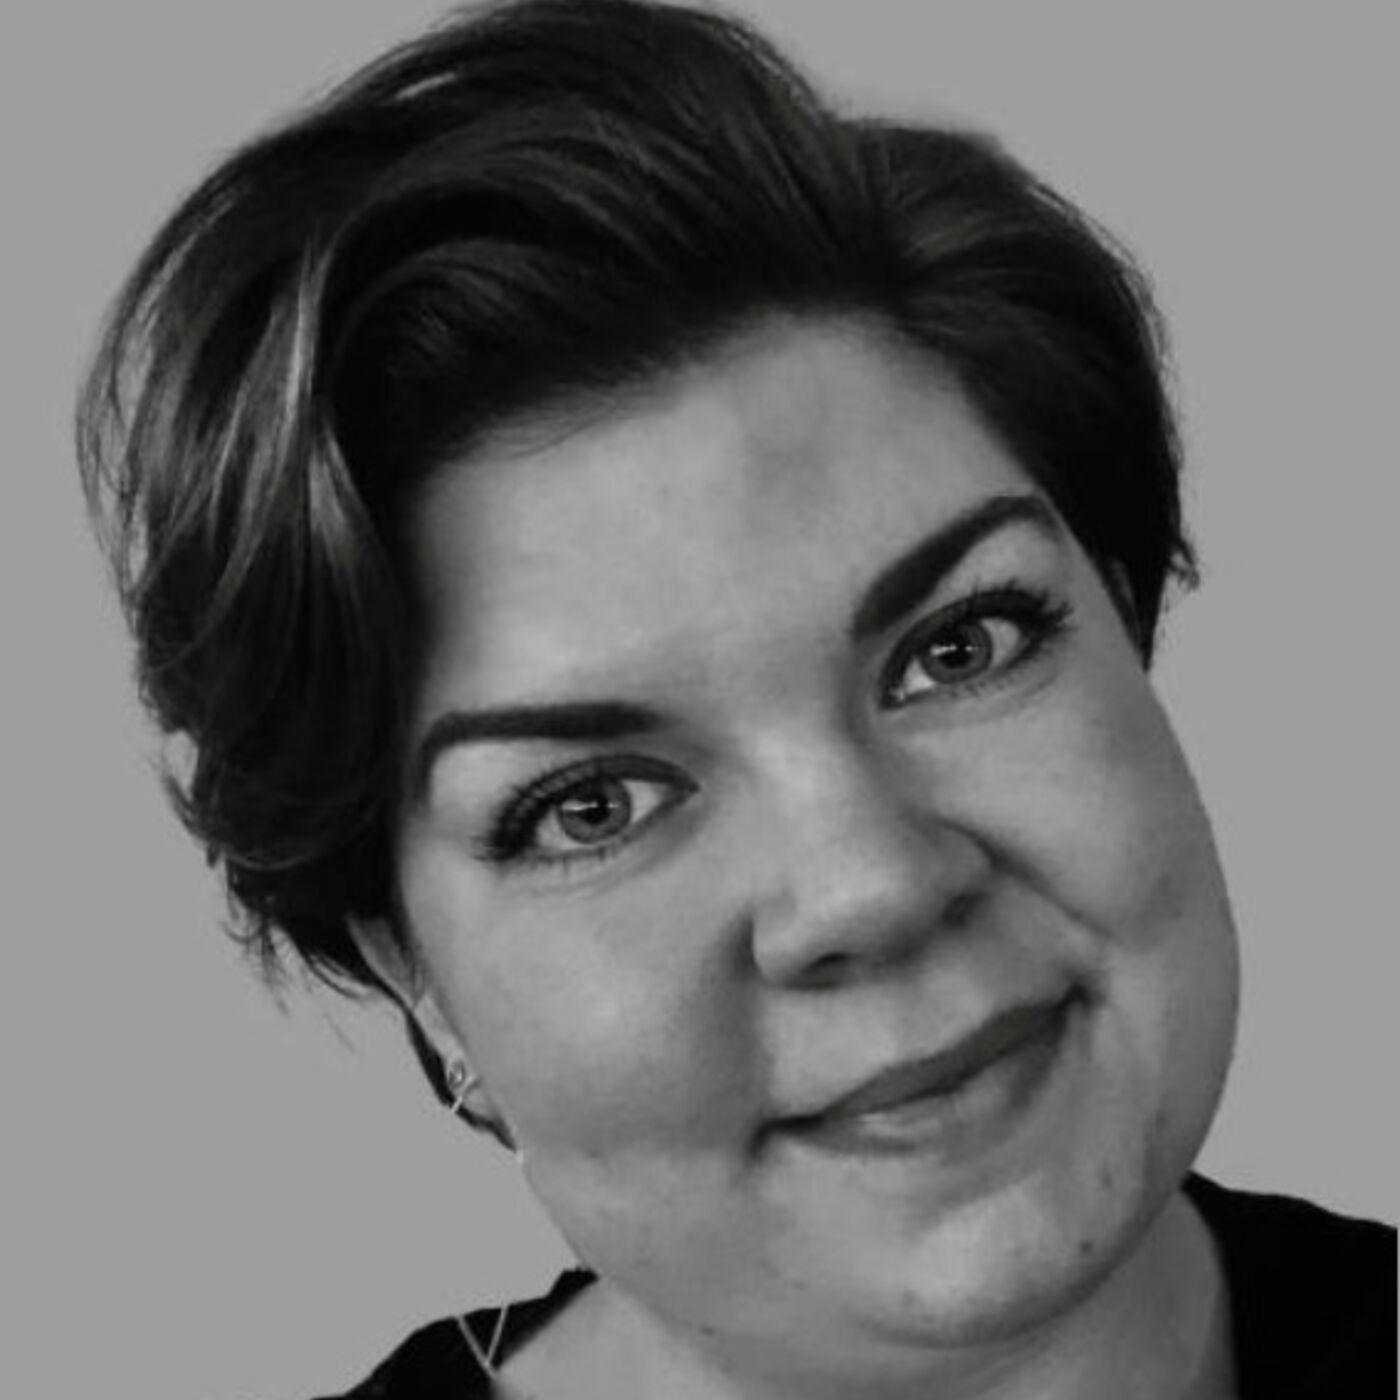 Graviditet, Fødsler og Fødekultur - Hvordan skaber vi en god begyndelse for familierne - med jordemoder Amalie Lyngbo Henningsen